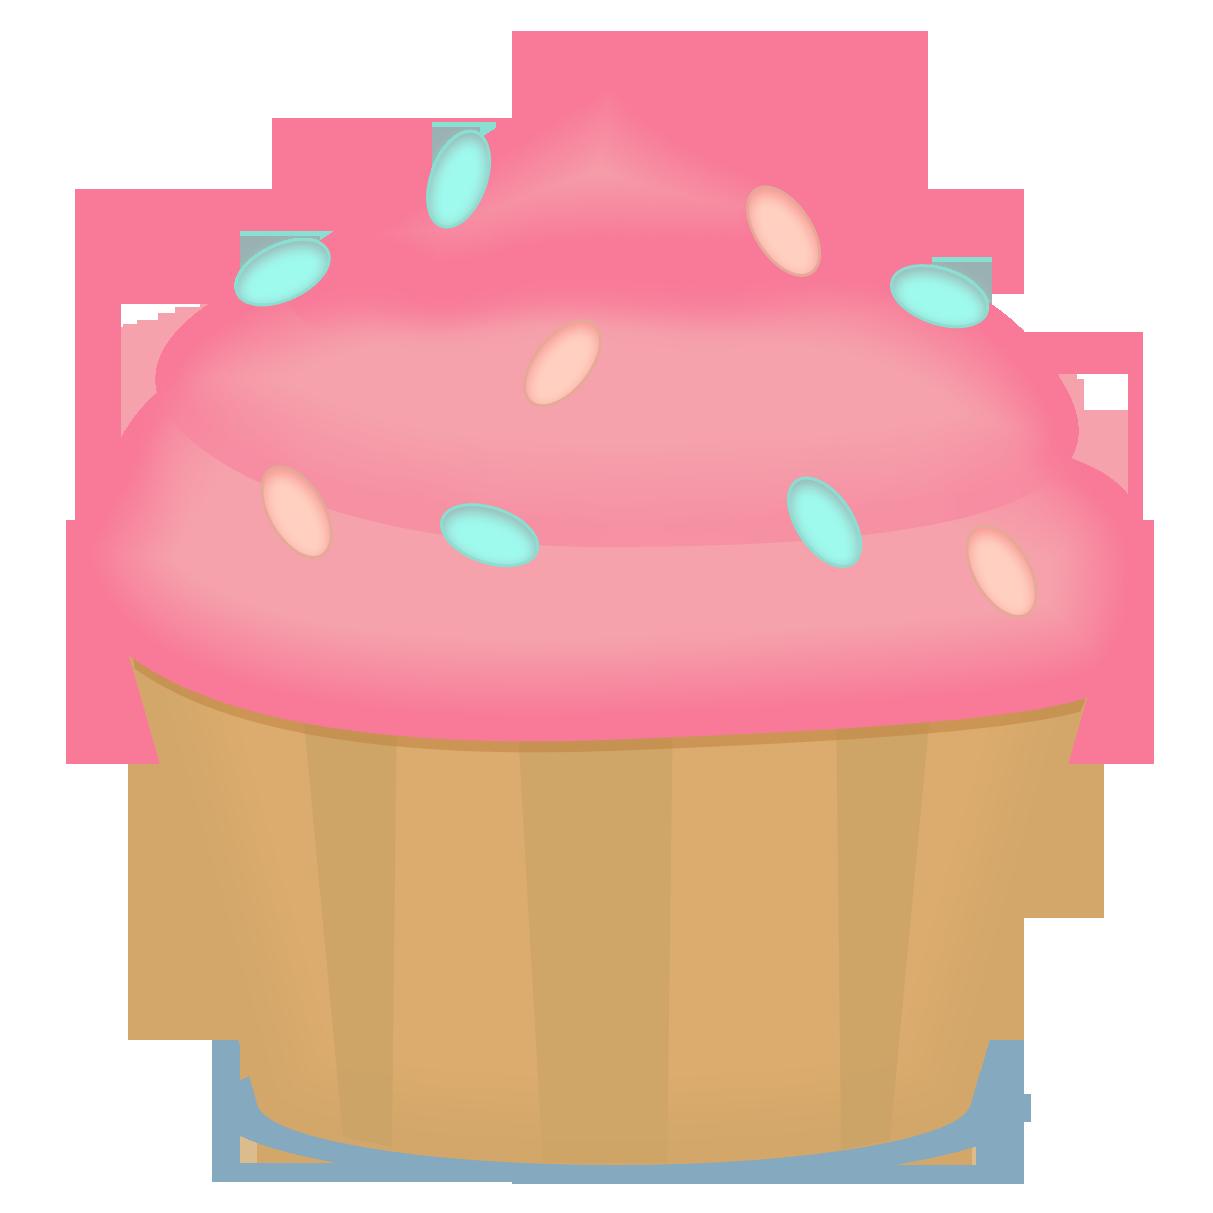 Bake Clipart.